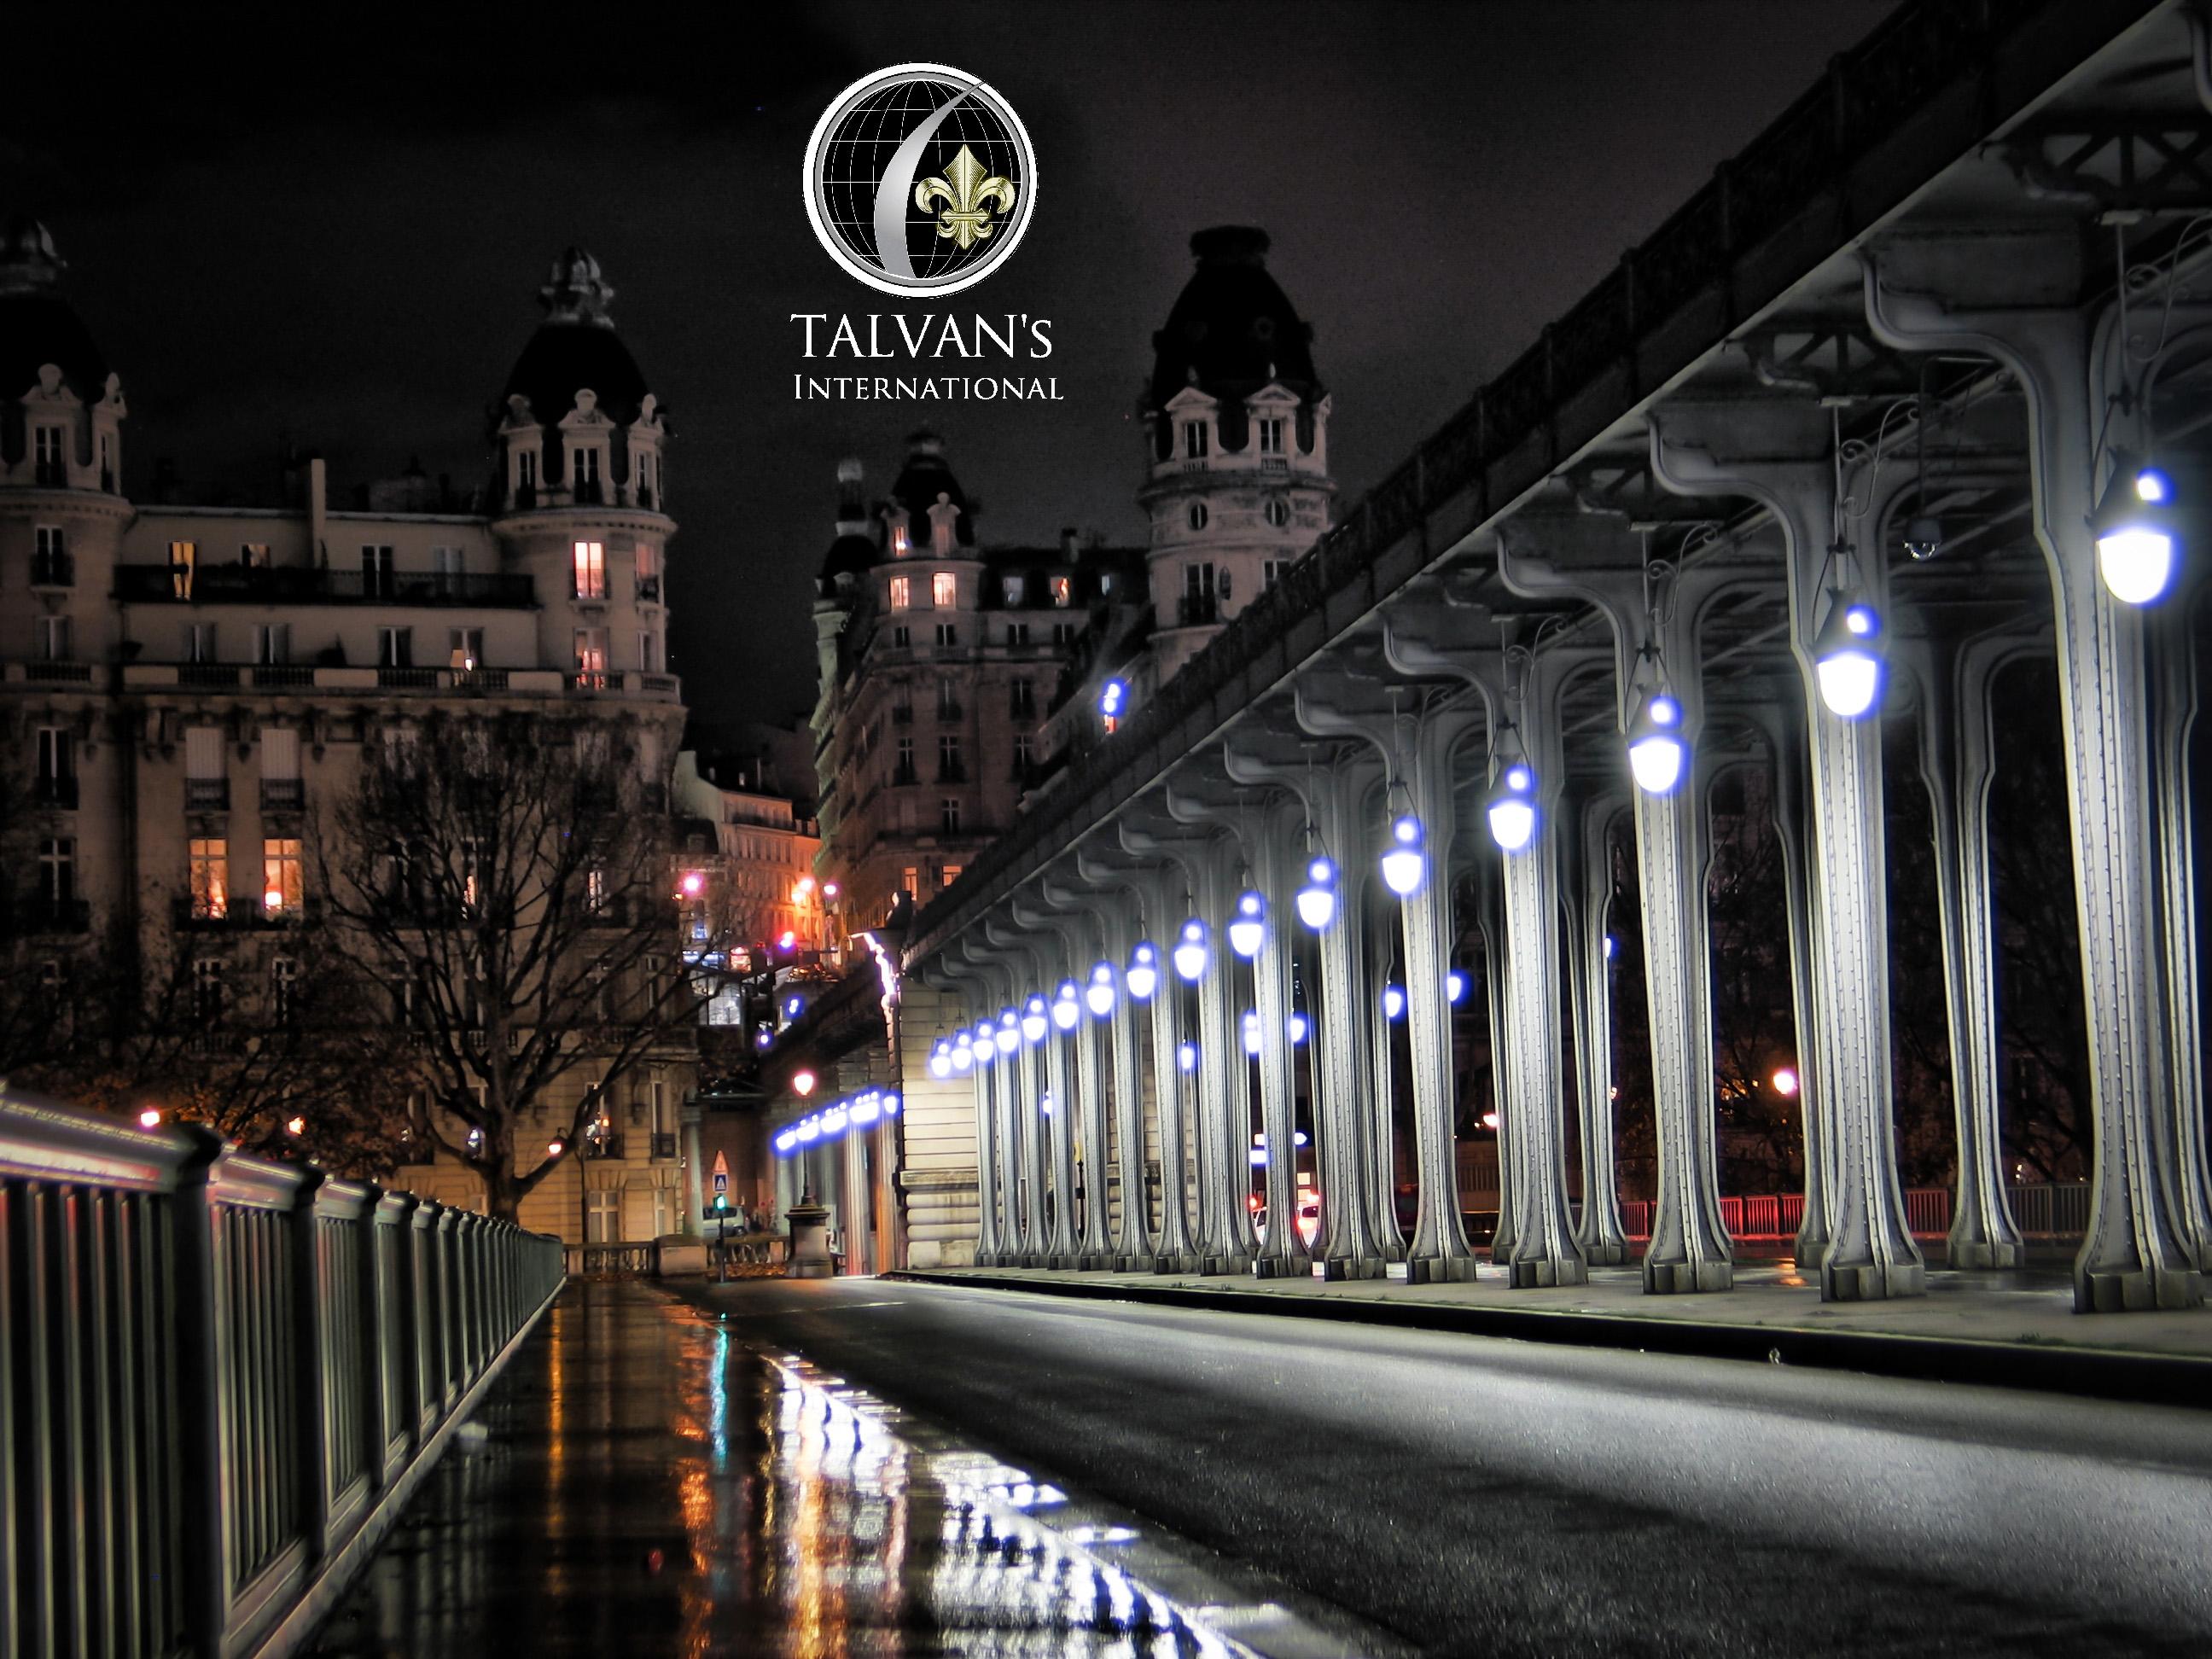 Talvan's International - Paris, France